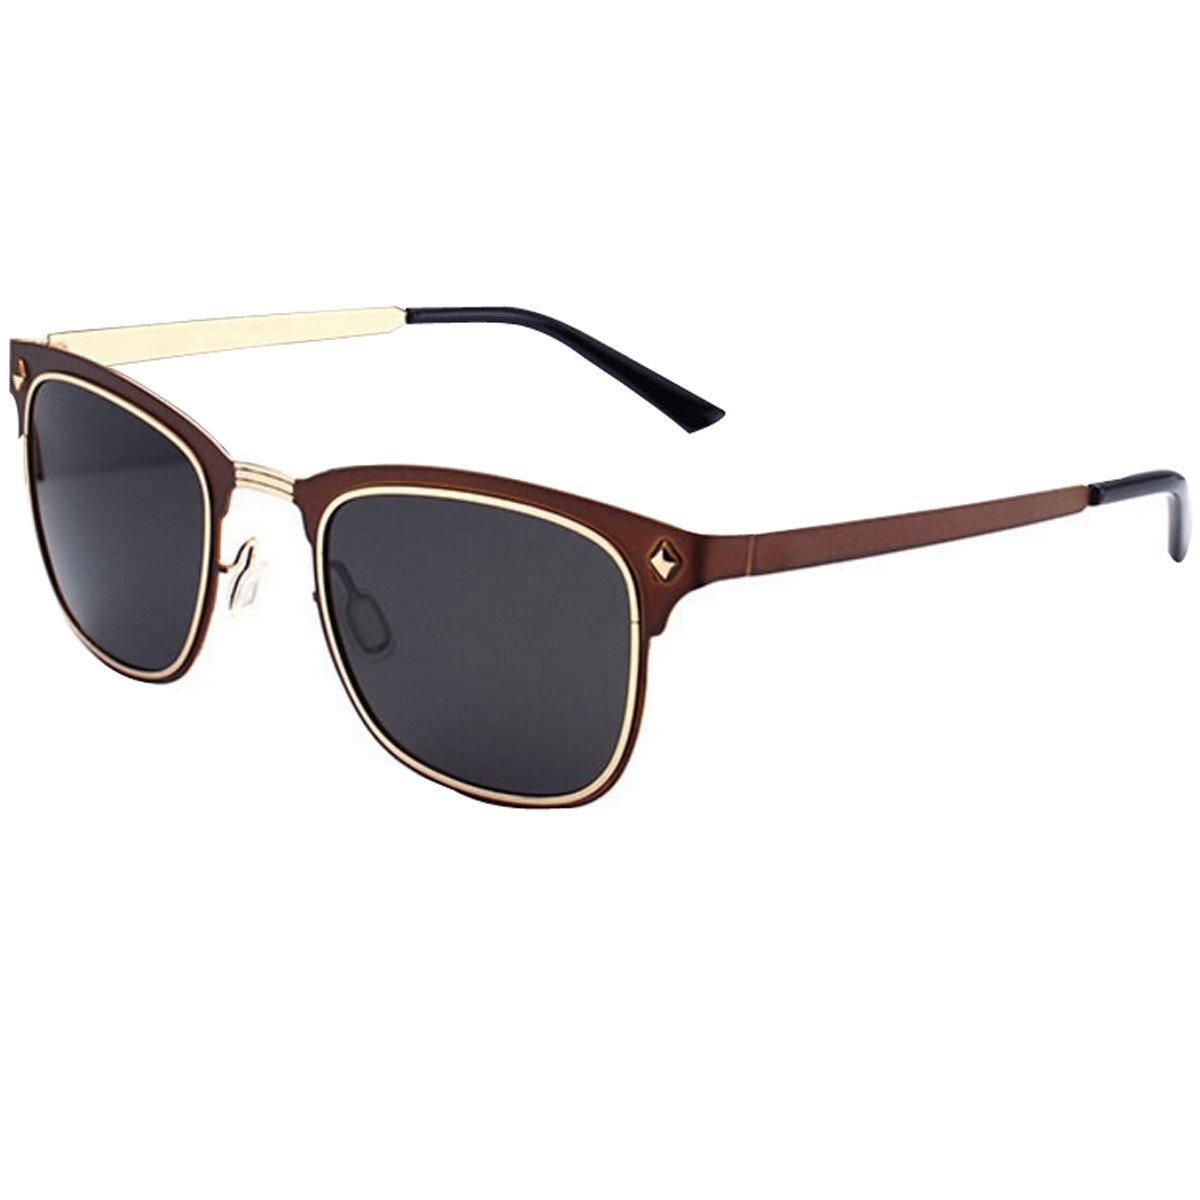 Personality Weibliche Modelle Sonnenbrille Bunte Reflektierende Metallfolie Sonnenbrille UV Sonnenbrille,GunFrame